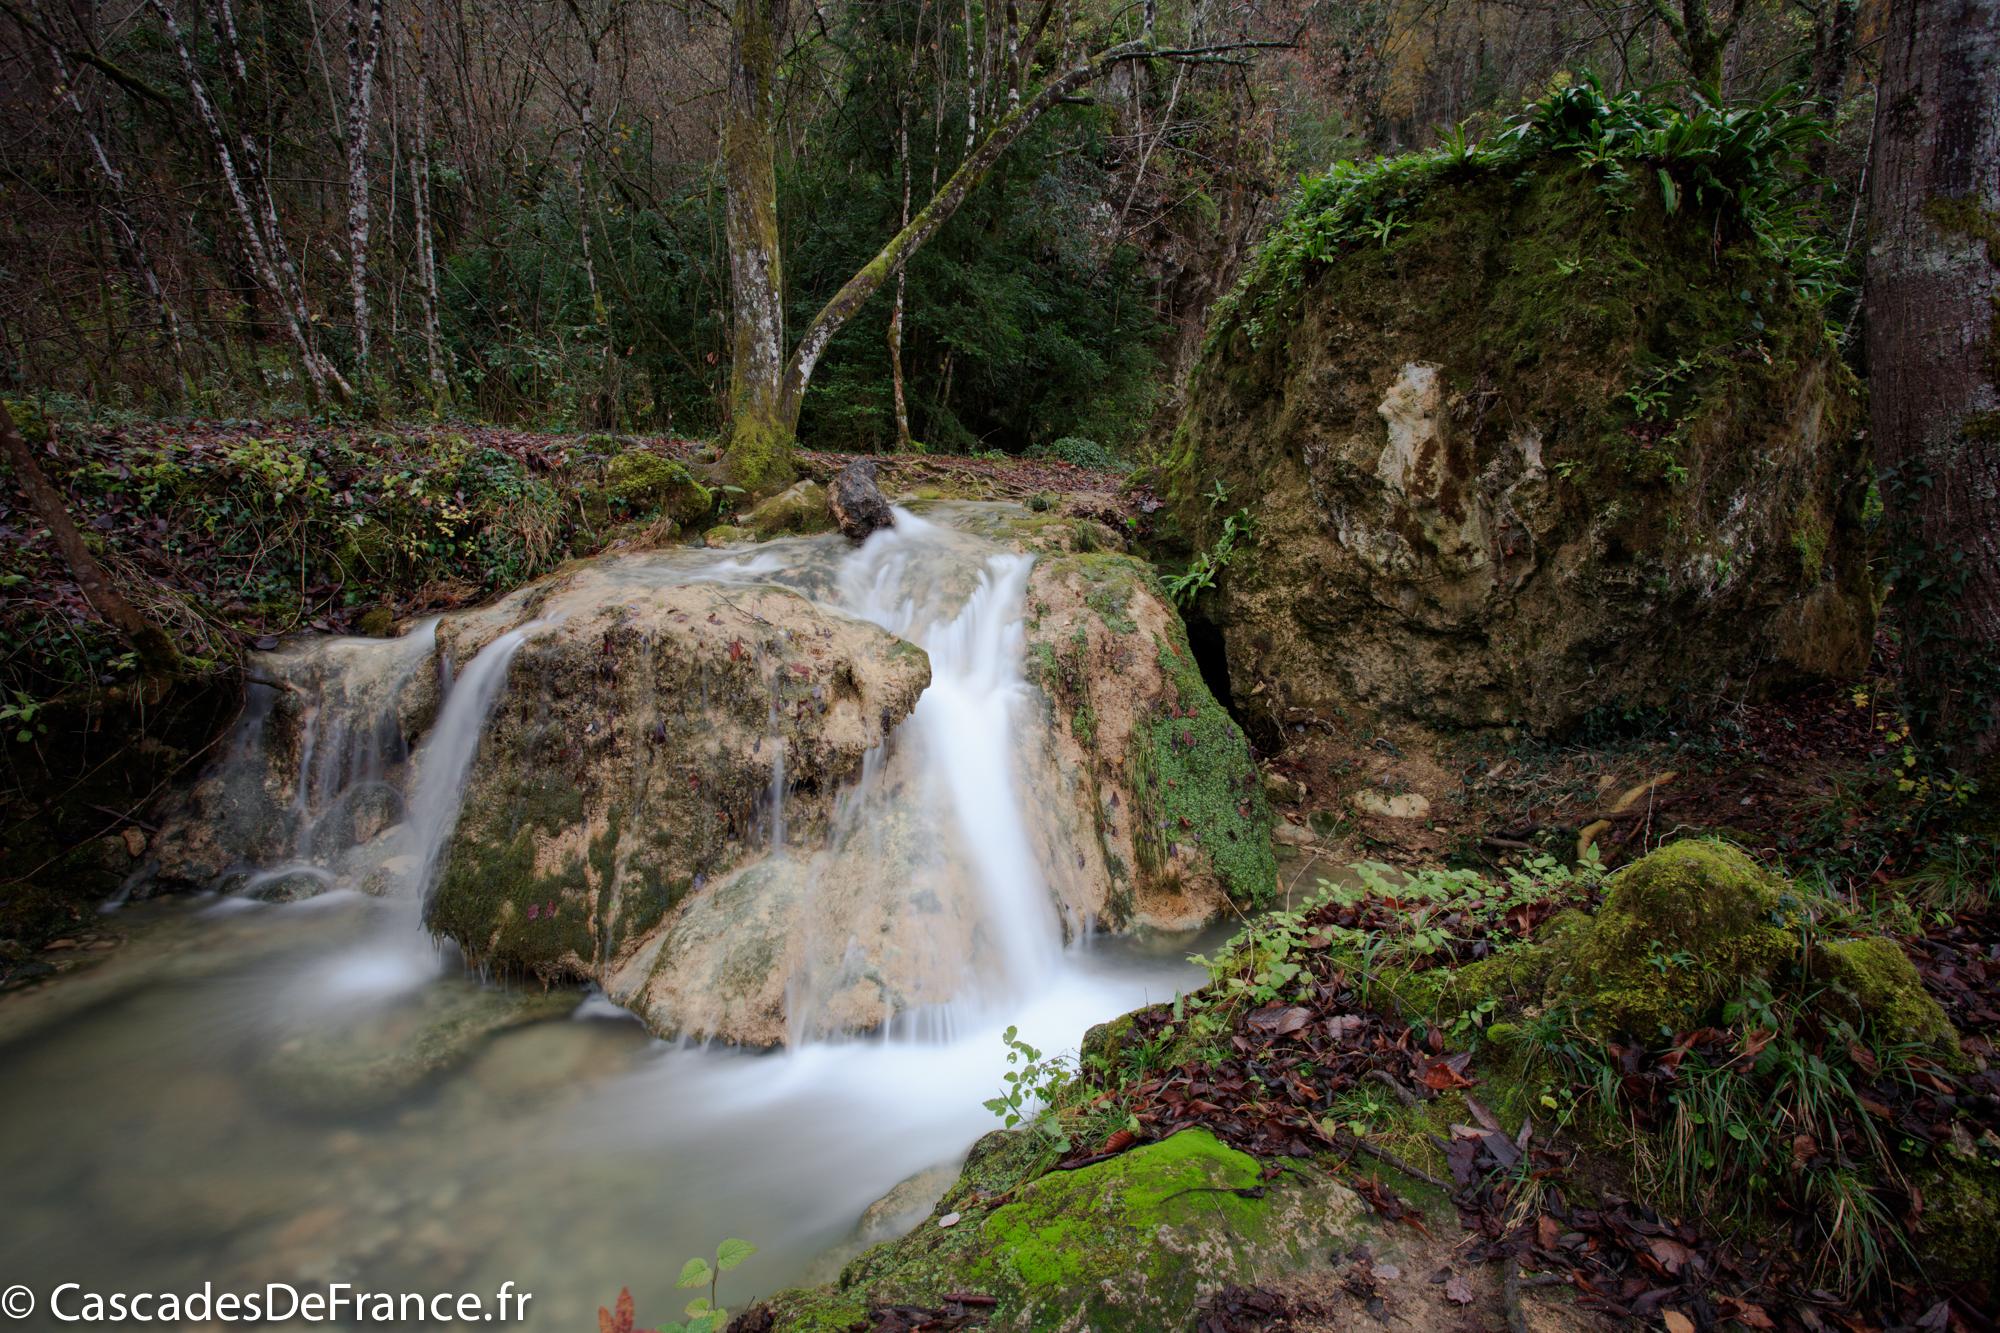 2I6A6159-cascade roquefort les cascades-cdf